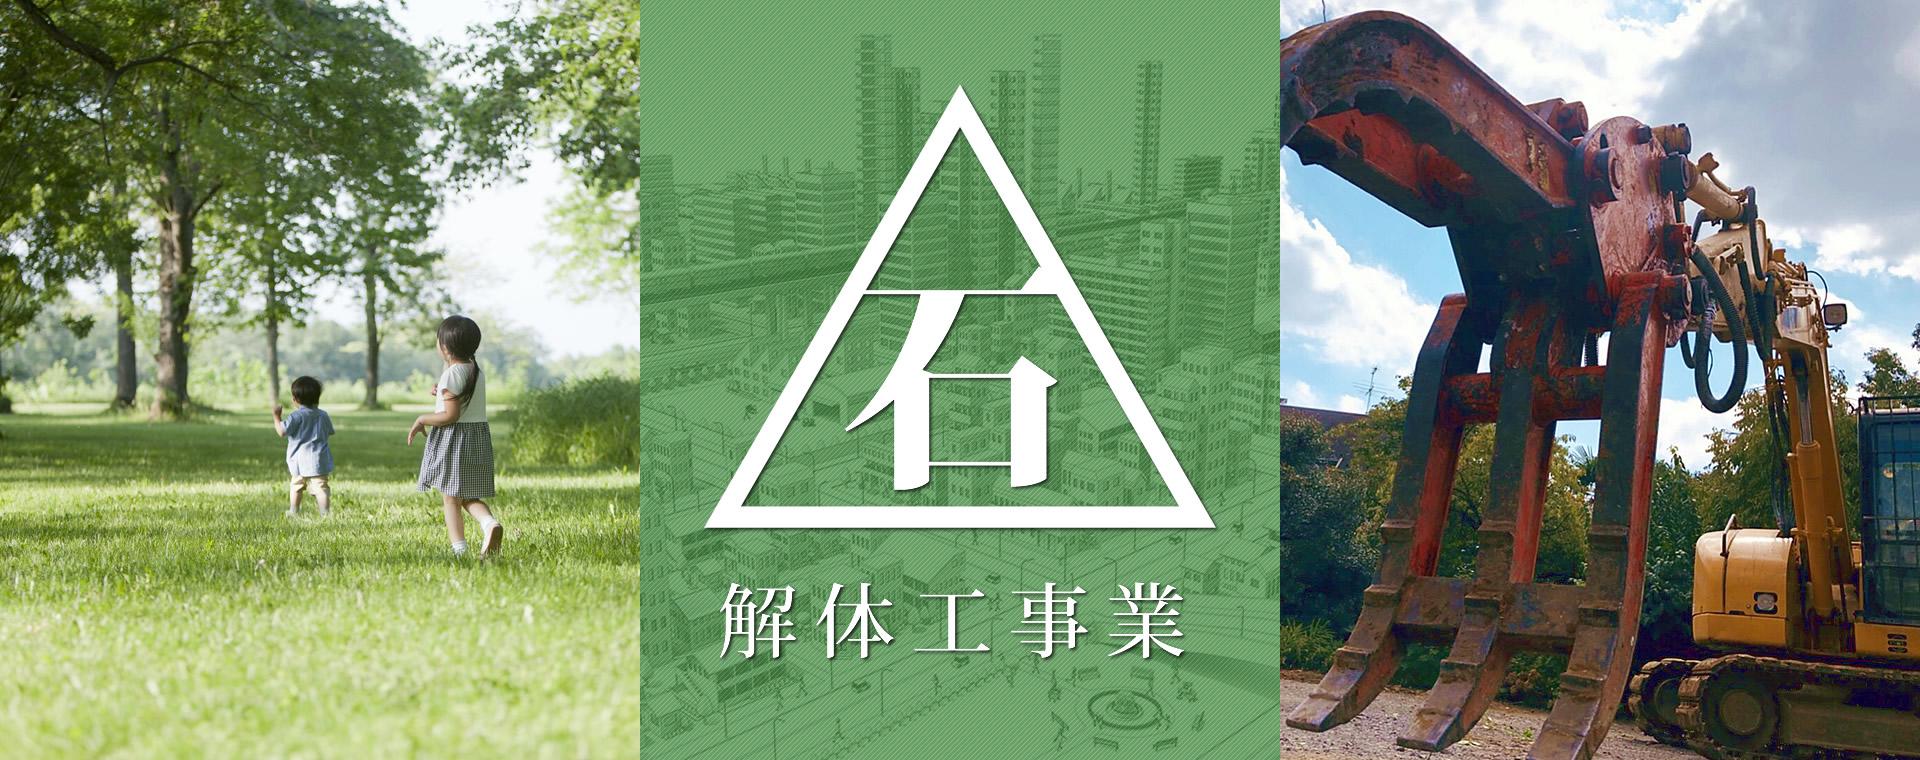 株式会社 石山工業/埼玉県さいたま市/建物解体工事・内装改修工事・てこ足による解体工事